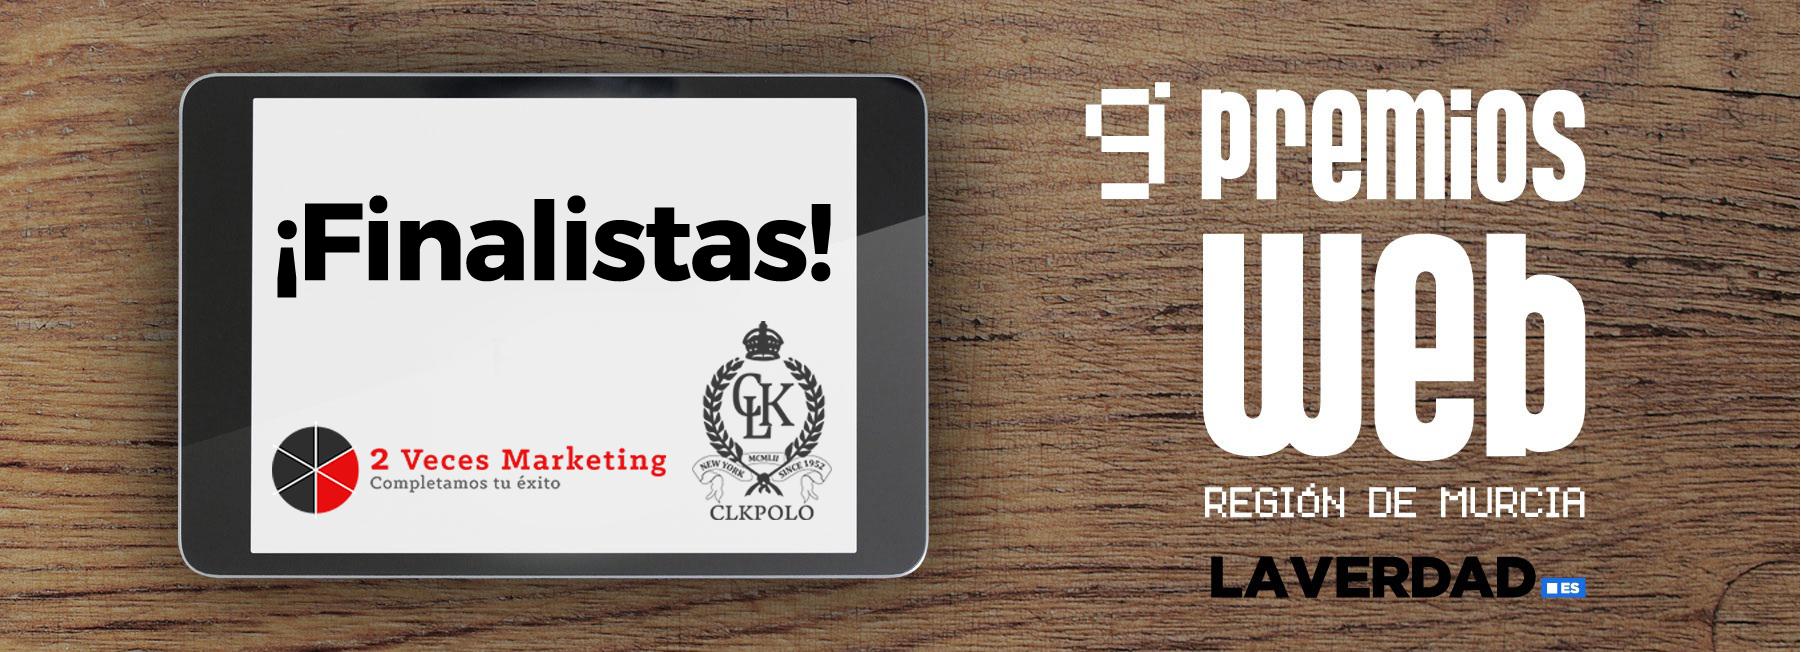 Finalistas-Premios-Web-La-Verdad-CLK-Polo